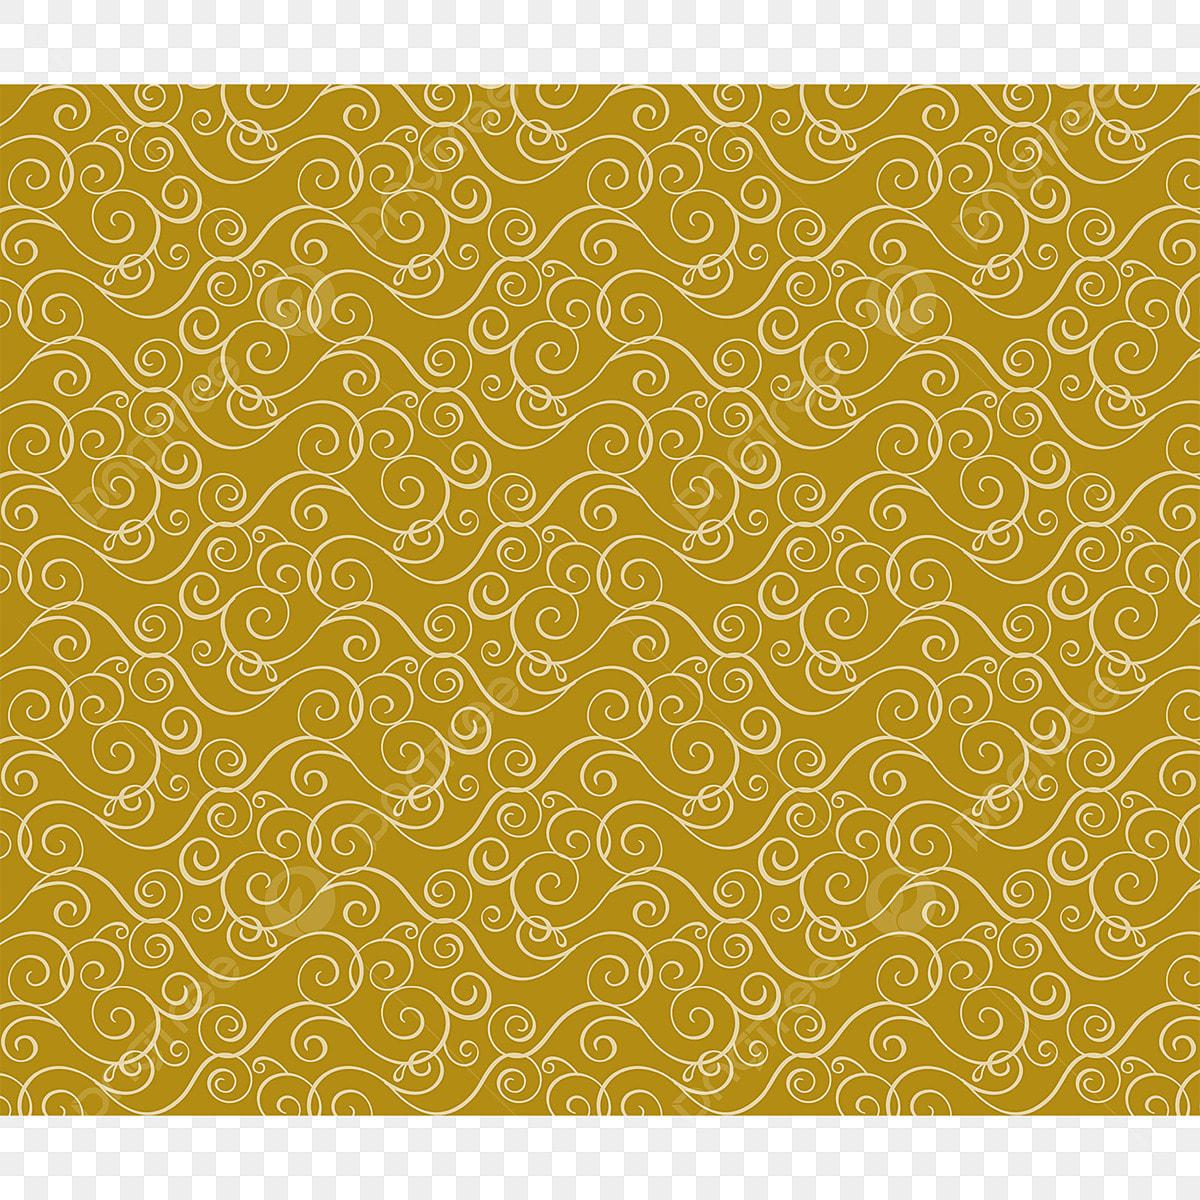 美しい黄色のパターンの壁紙要素 イエロー パターン 手描き芸術画像